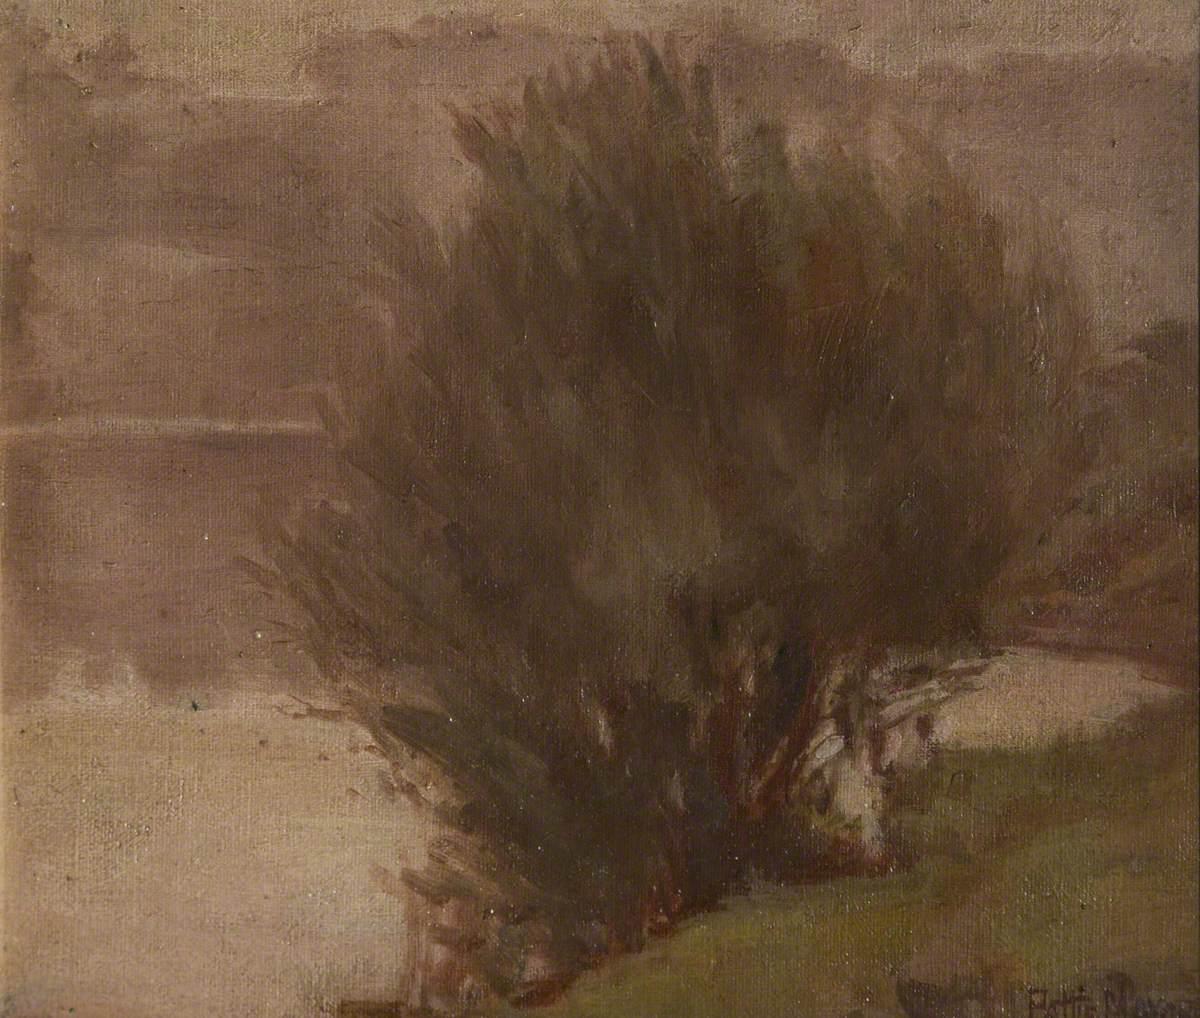 Bush by a River